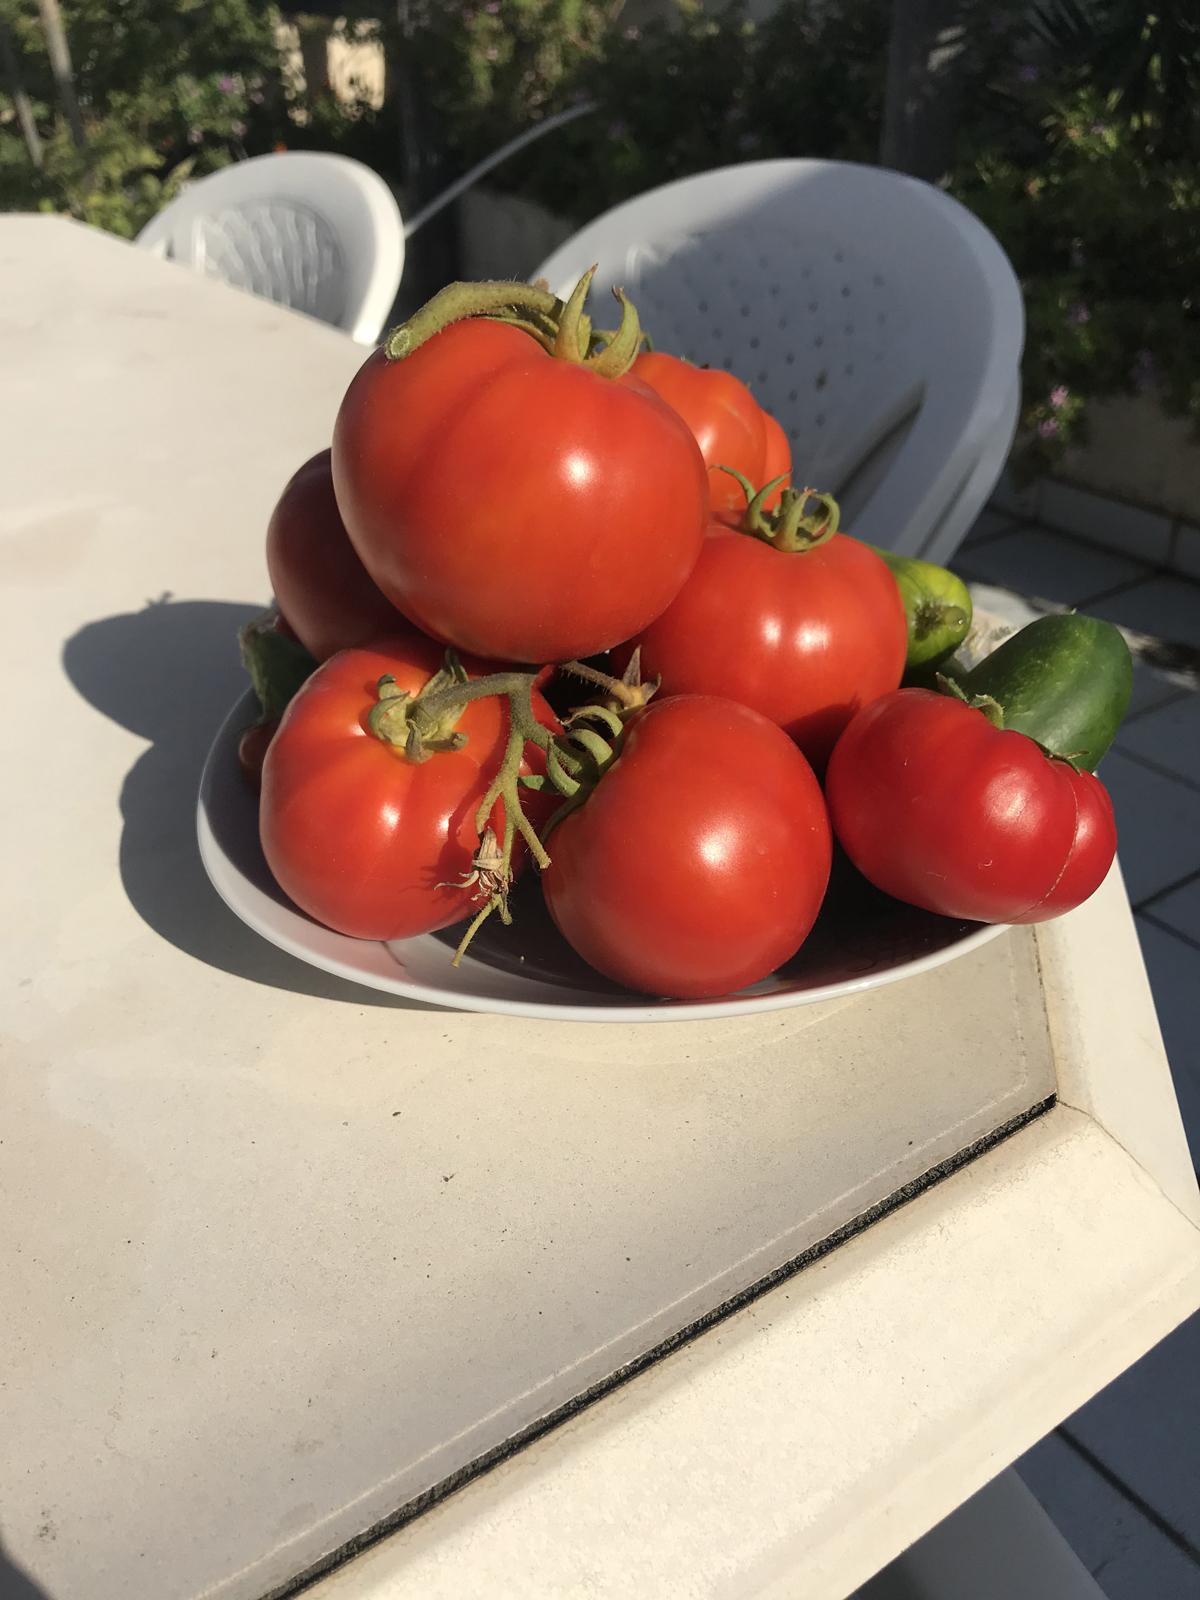 ντομάτες με λίπανση από κομπόστ 02ντομάτες με λίπανση από κομπόστ 02